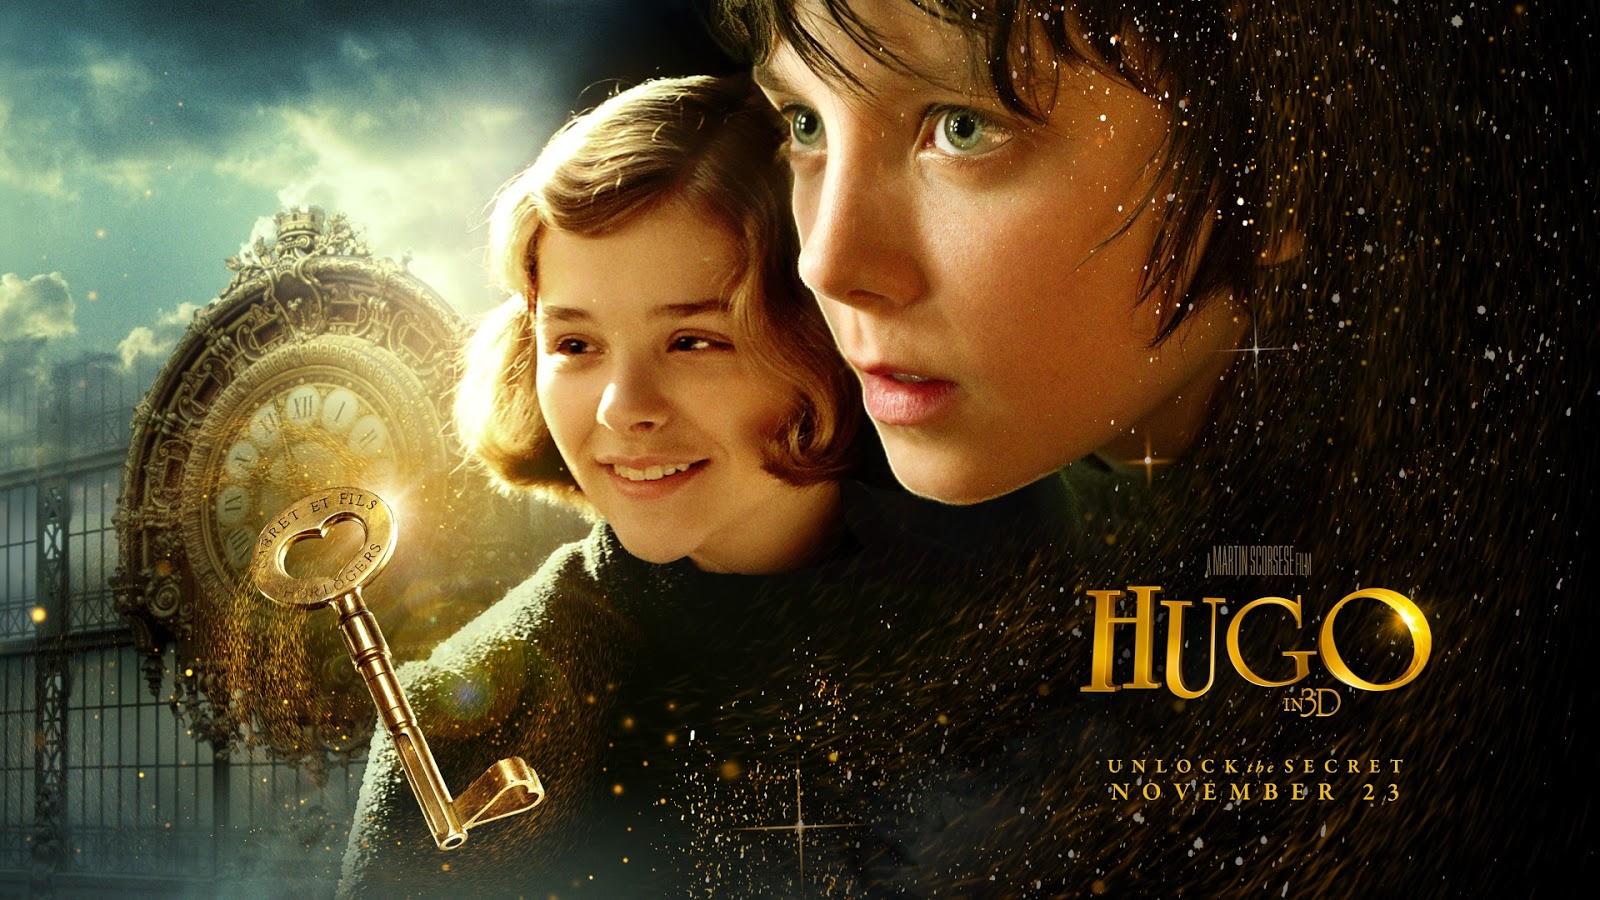 Hugo-Movie-The-Key-Chloe-Moretz.jpg